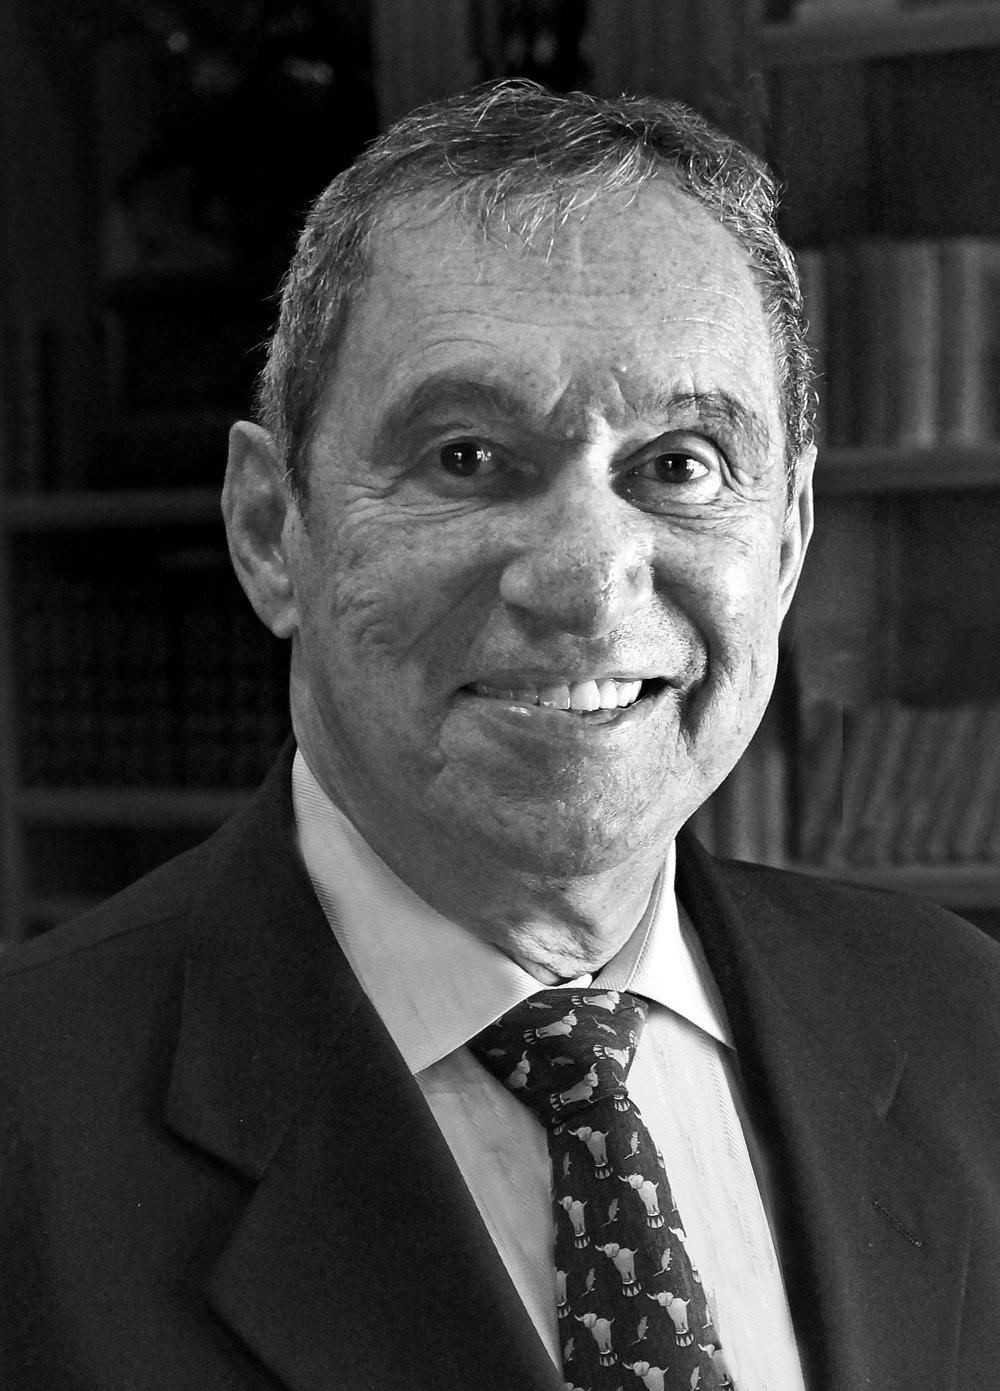 Eugene Rosenberg